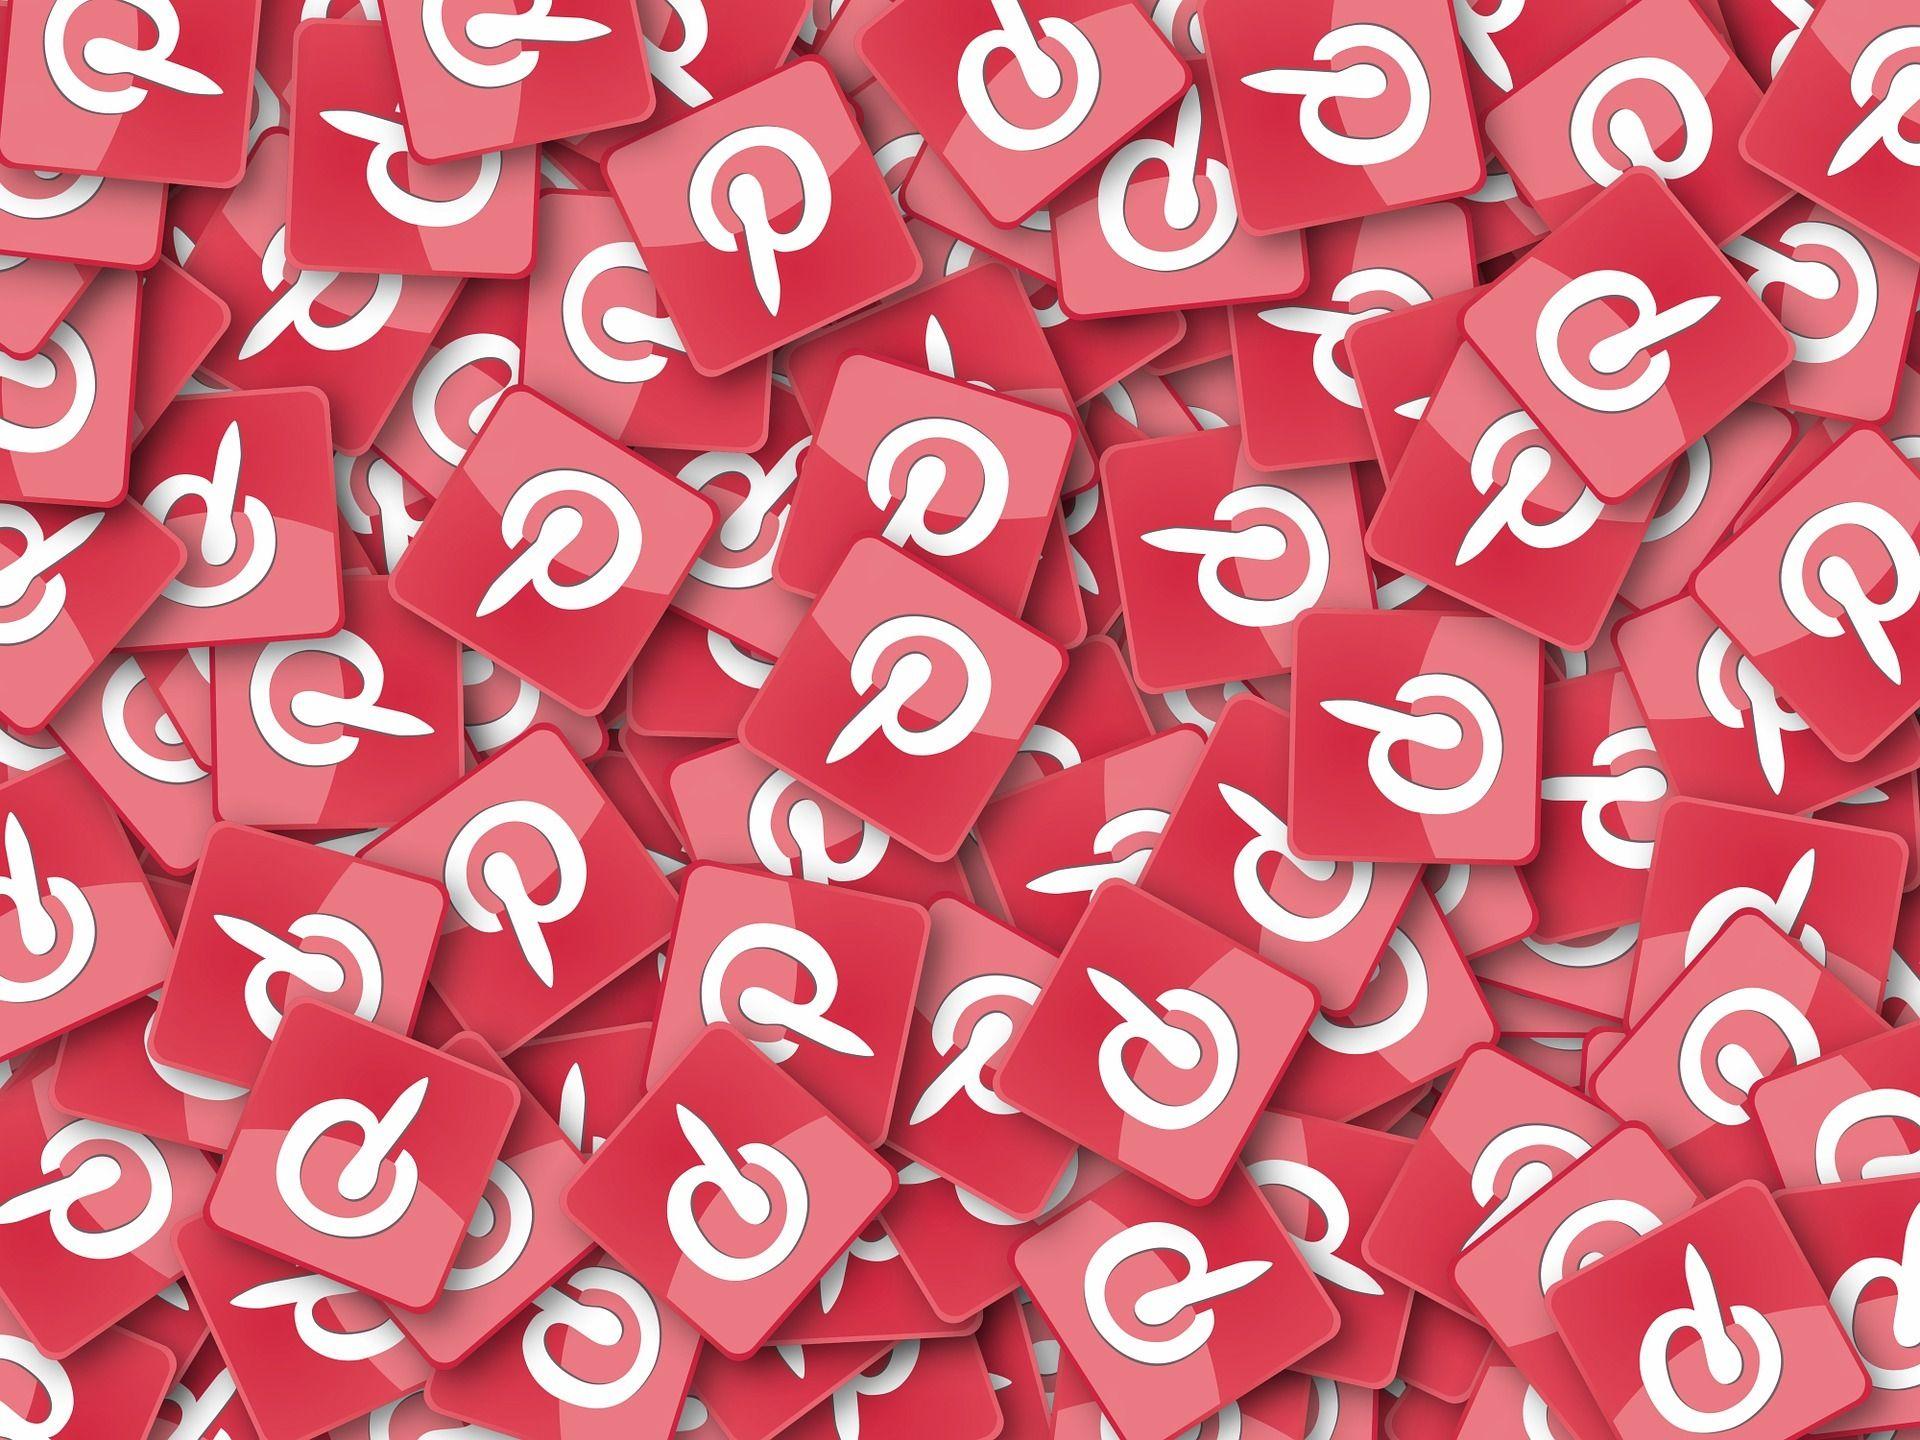 Uso-redes-sociales-empresas_Pinterest_Wave-On-Media